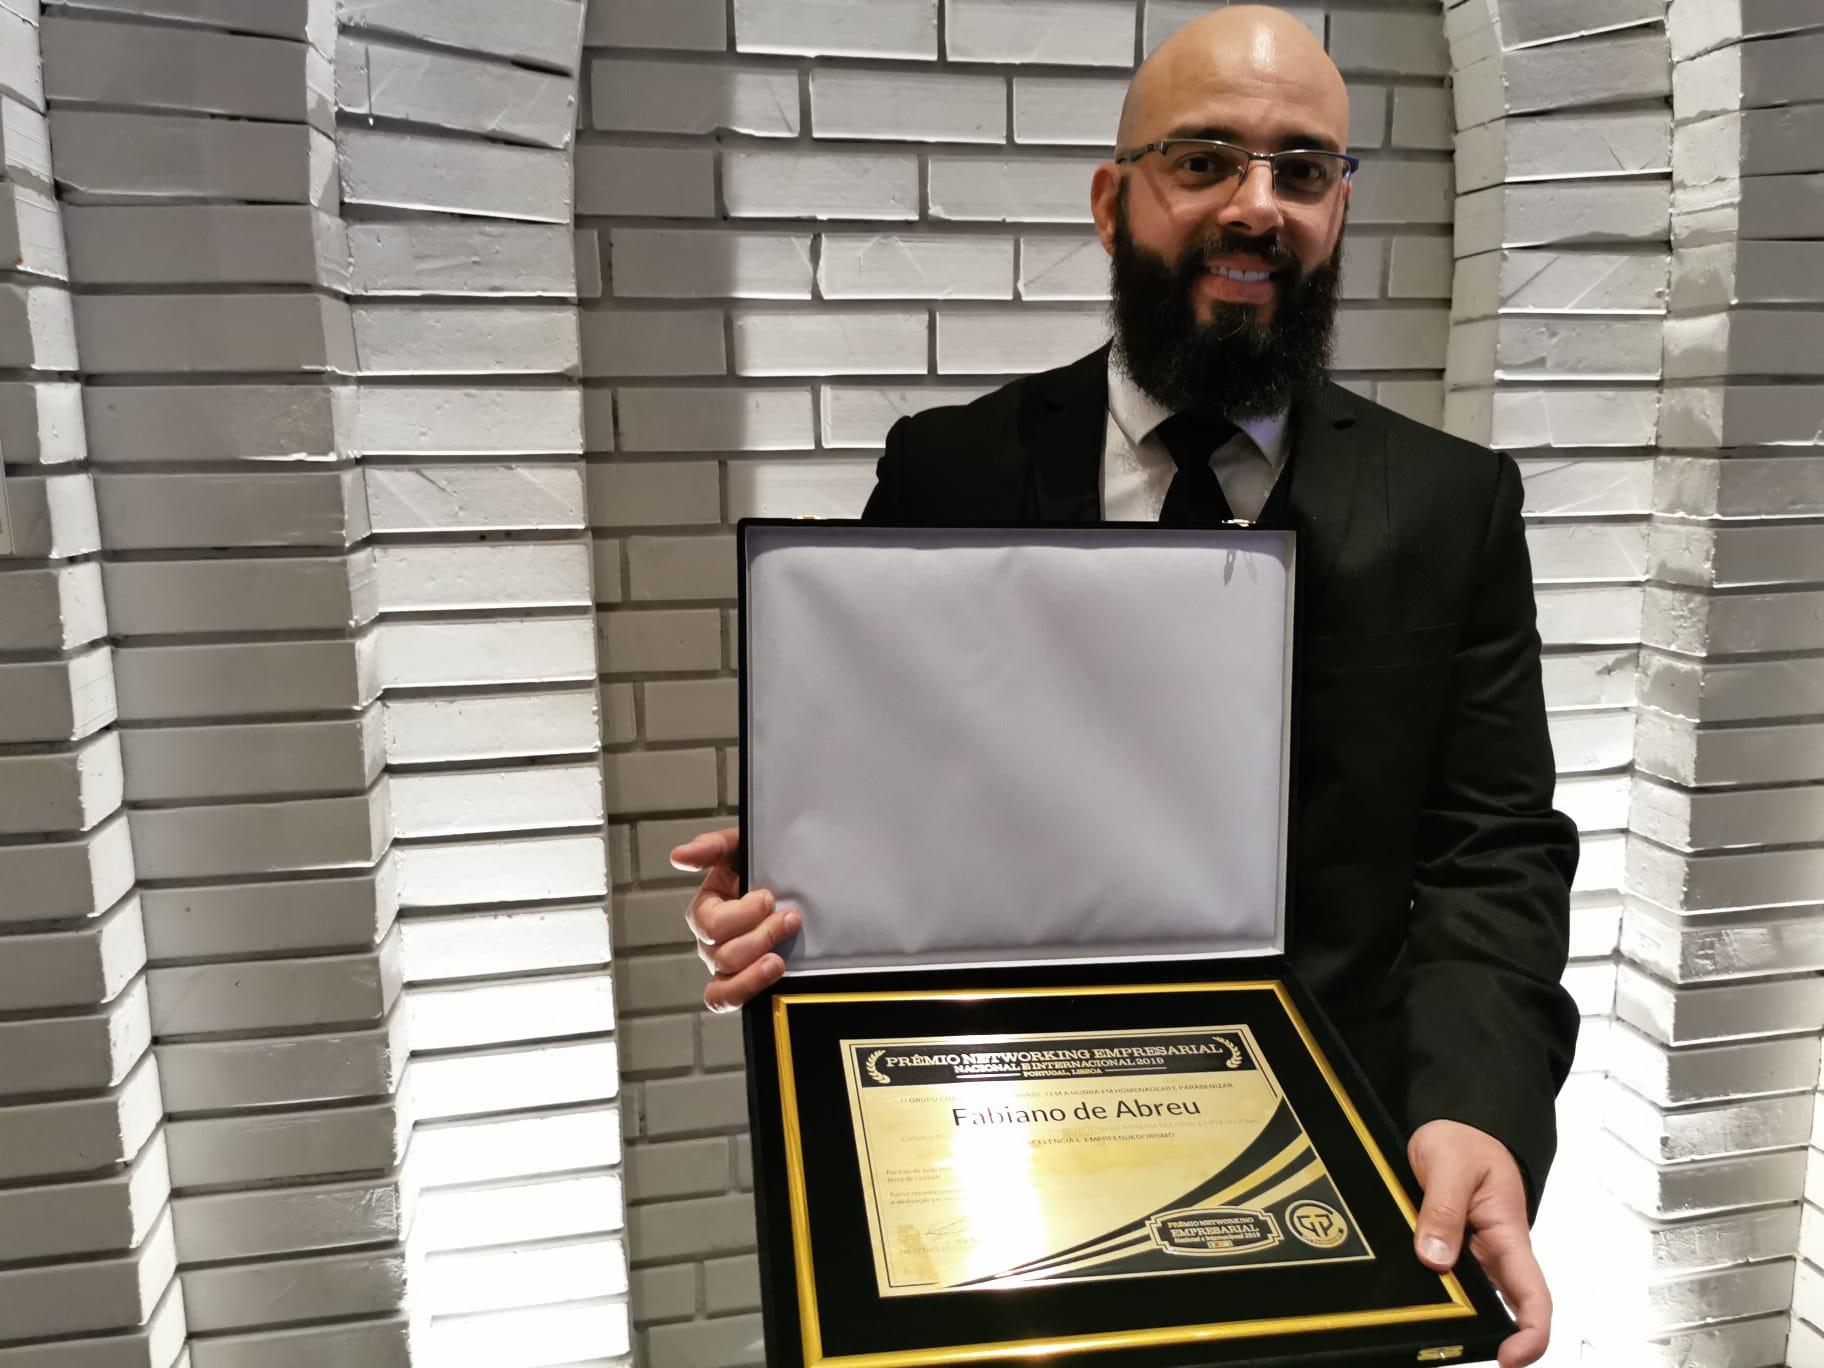 Filósofo luso-brasileiro Fabiano de Abreu ganha prêmio internacional em Lisboa